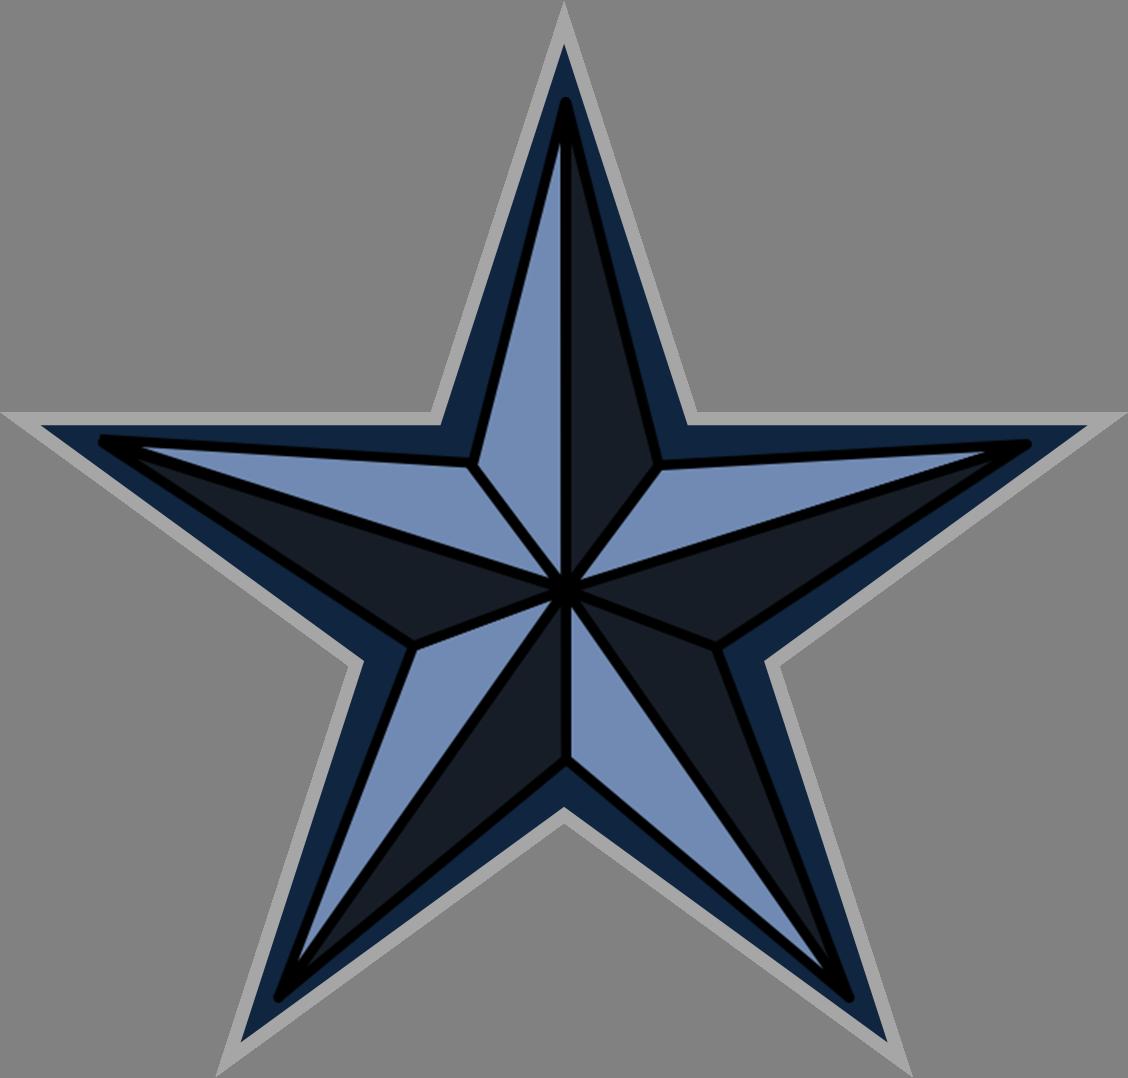 Dark Blue clipart star The Blue Dark Star Dark